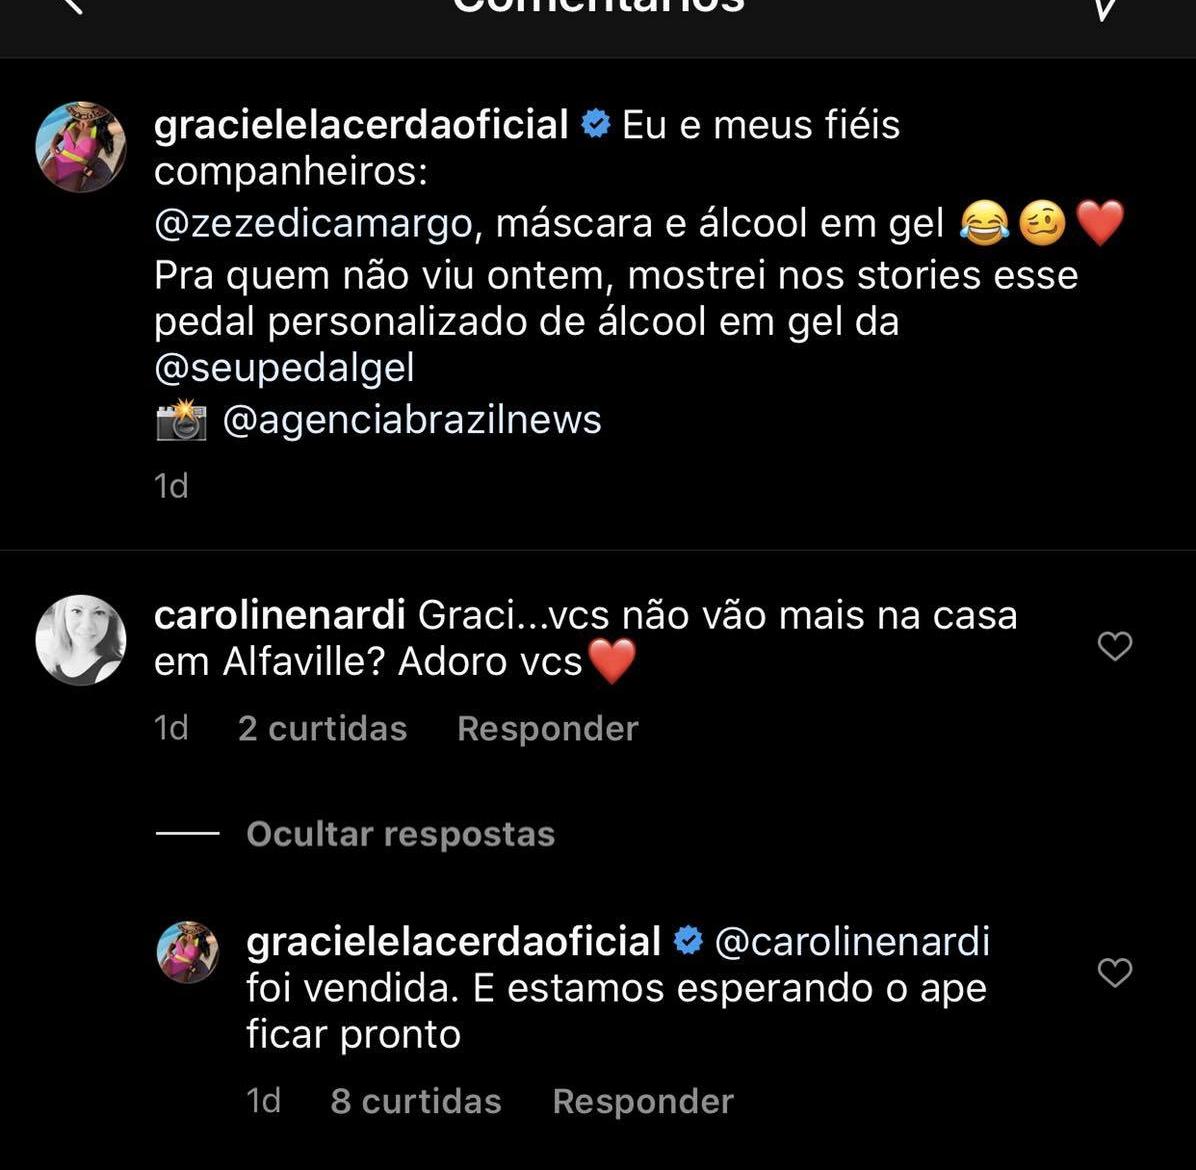 Graciele Lacerda comentou sobre a mansão que vivia com Zezé (Foto: reprodução/Instagram)